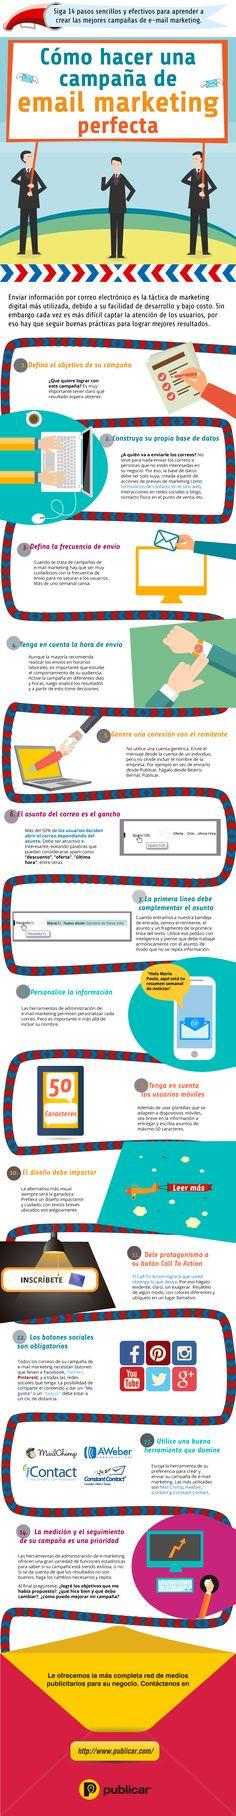 Preste atención a estos pasos que lo llevarán a crear la campaña de e-mail #marketing perfecta: